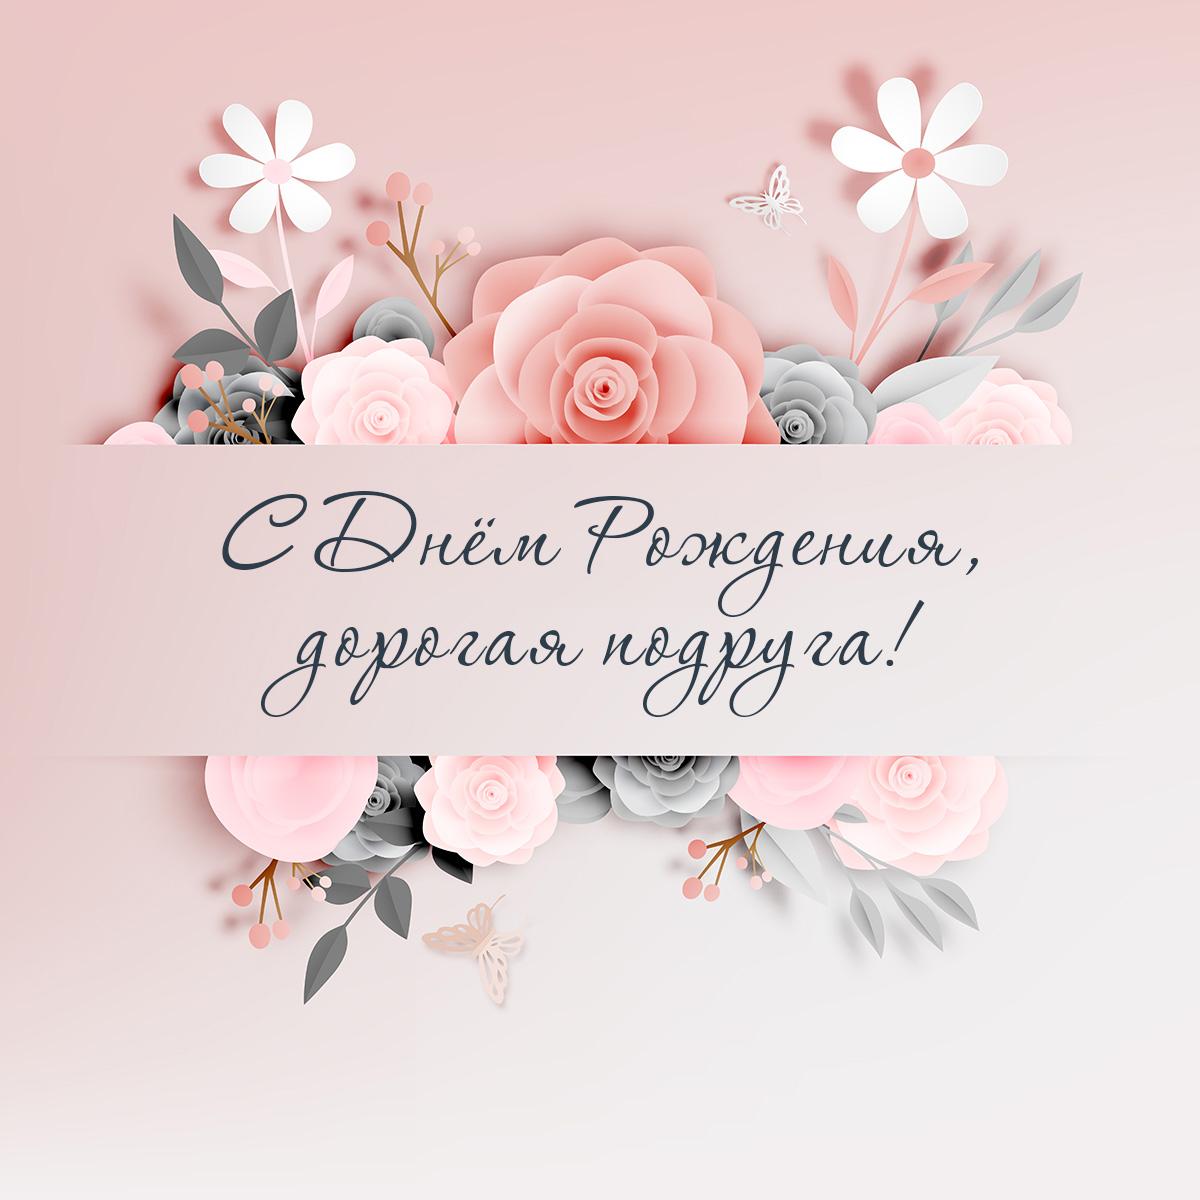 Картинка розовая открытка с днем рождения подруге с цветами и каллиграфической надписью